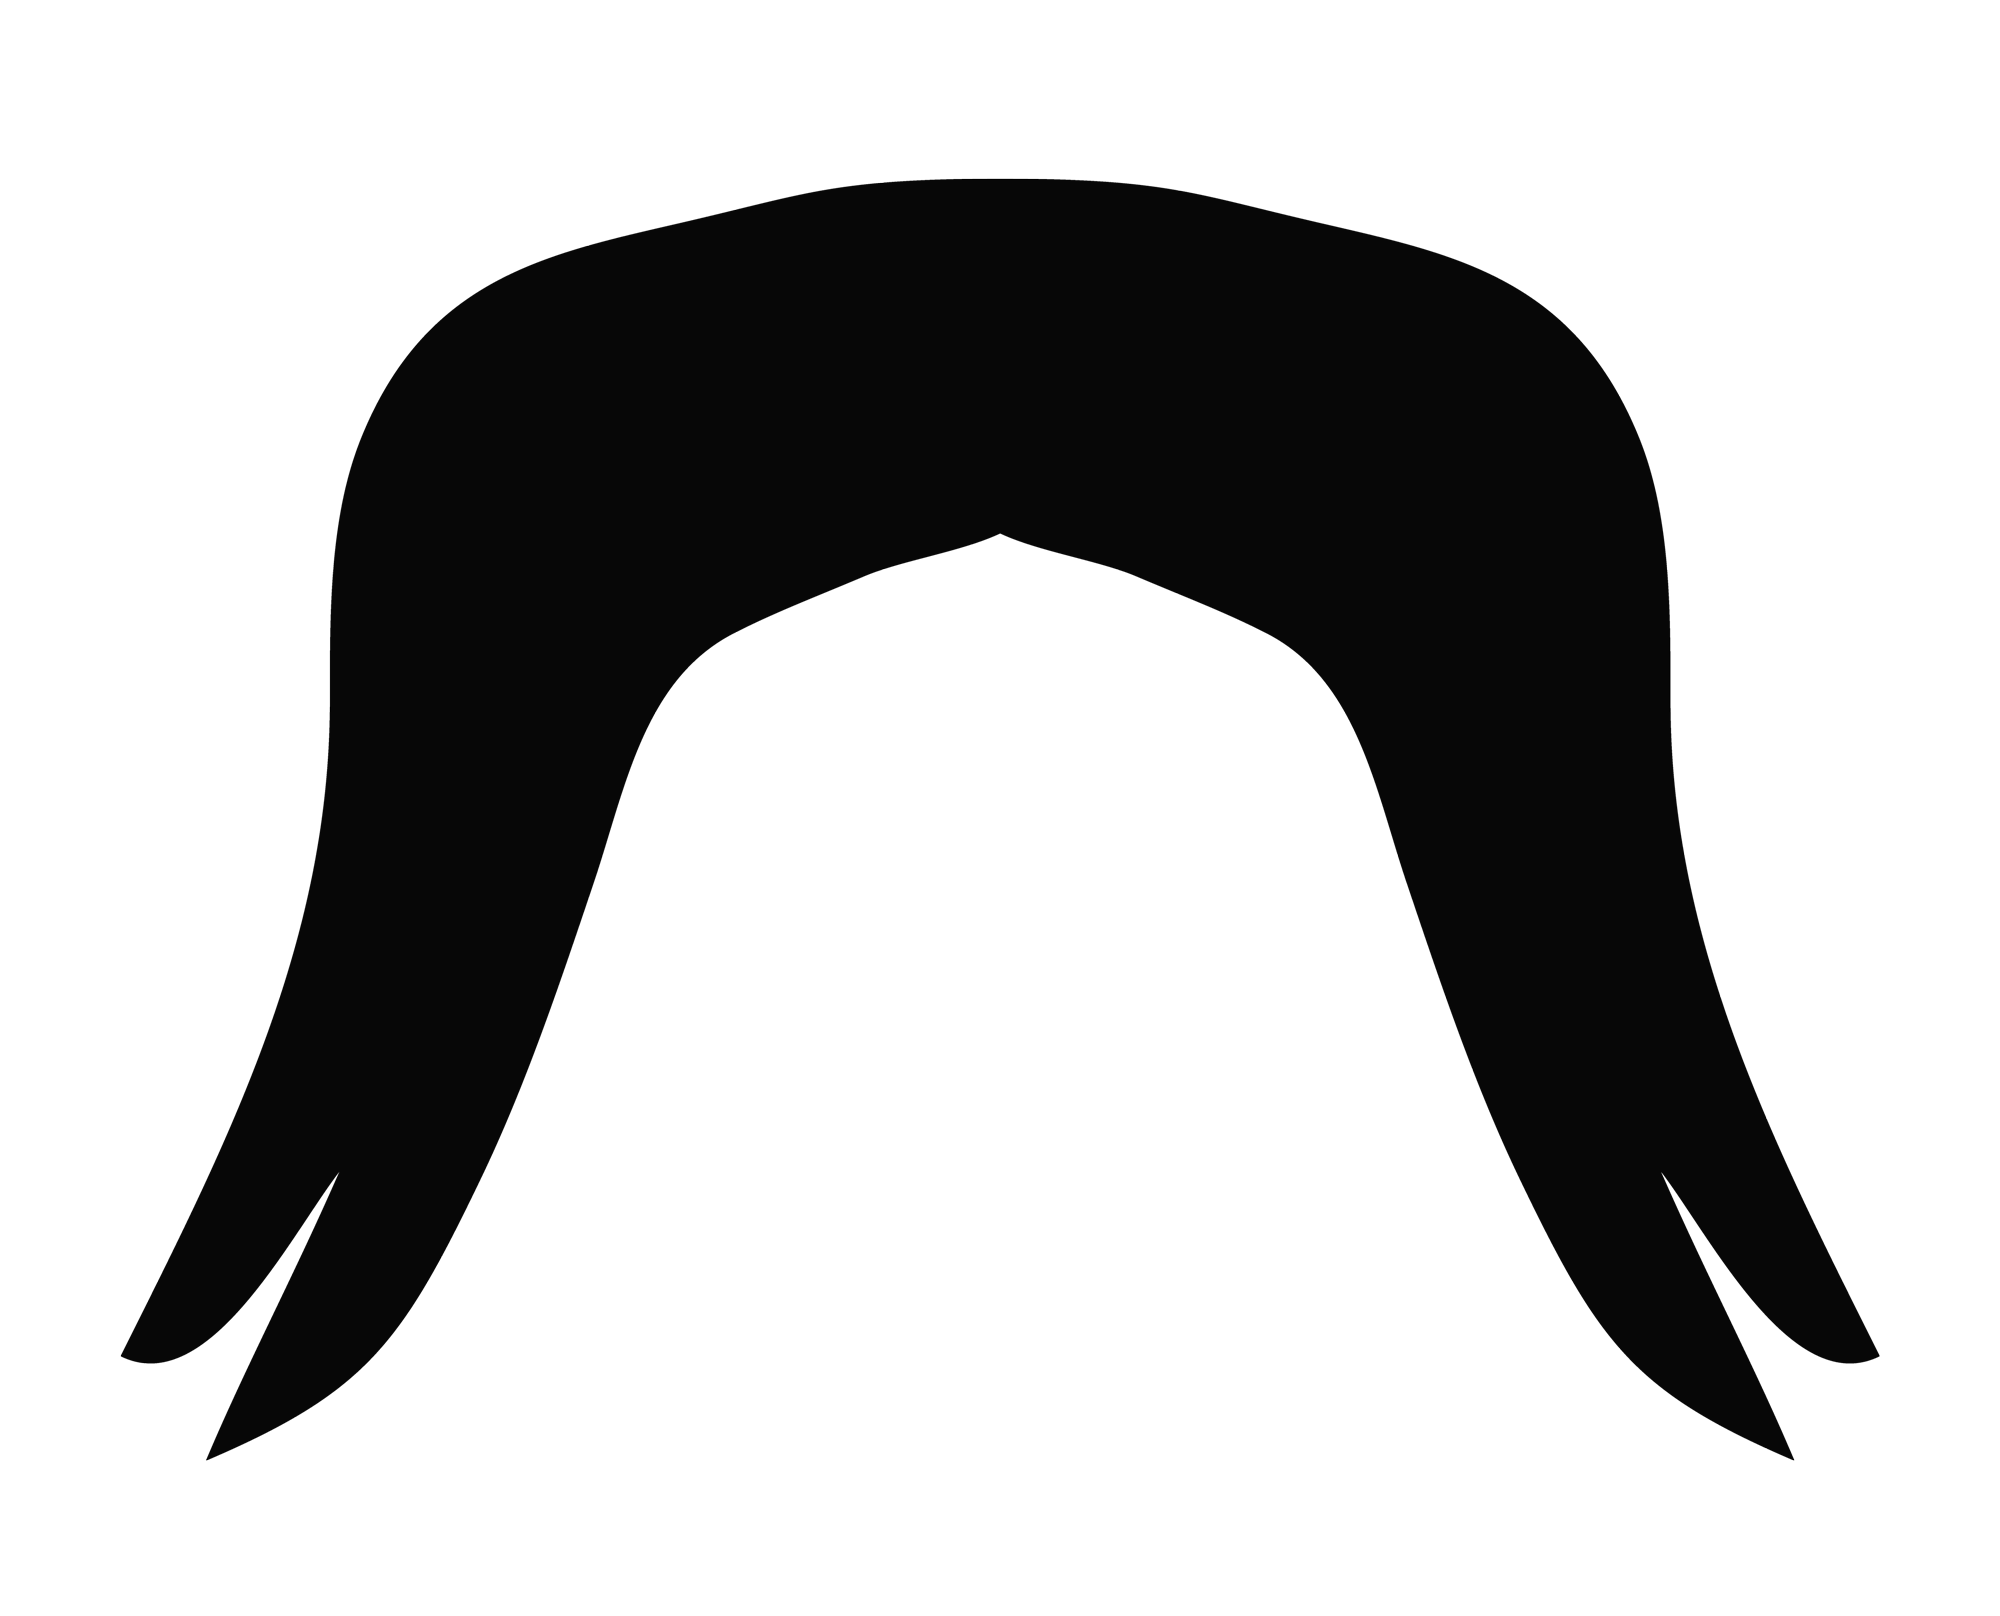 Moustache clipart chasma. Png image pngpix